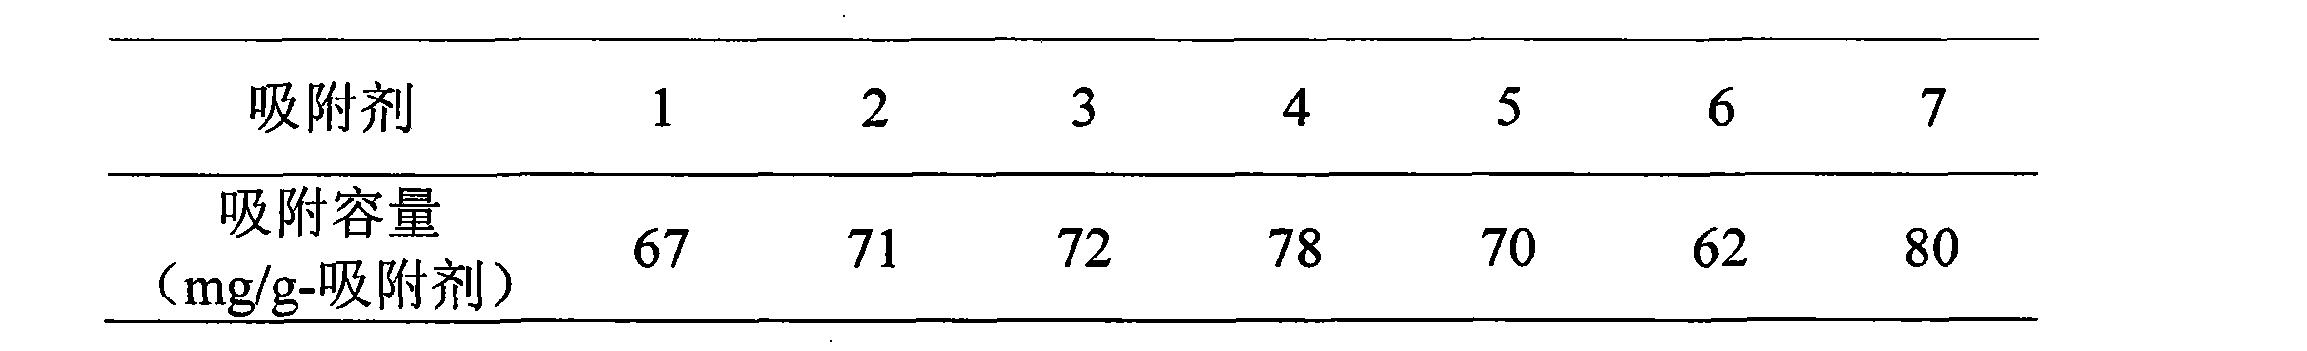 Figure CN101879435BD00061